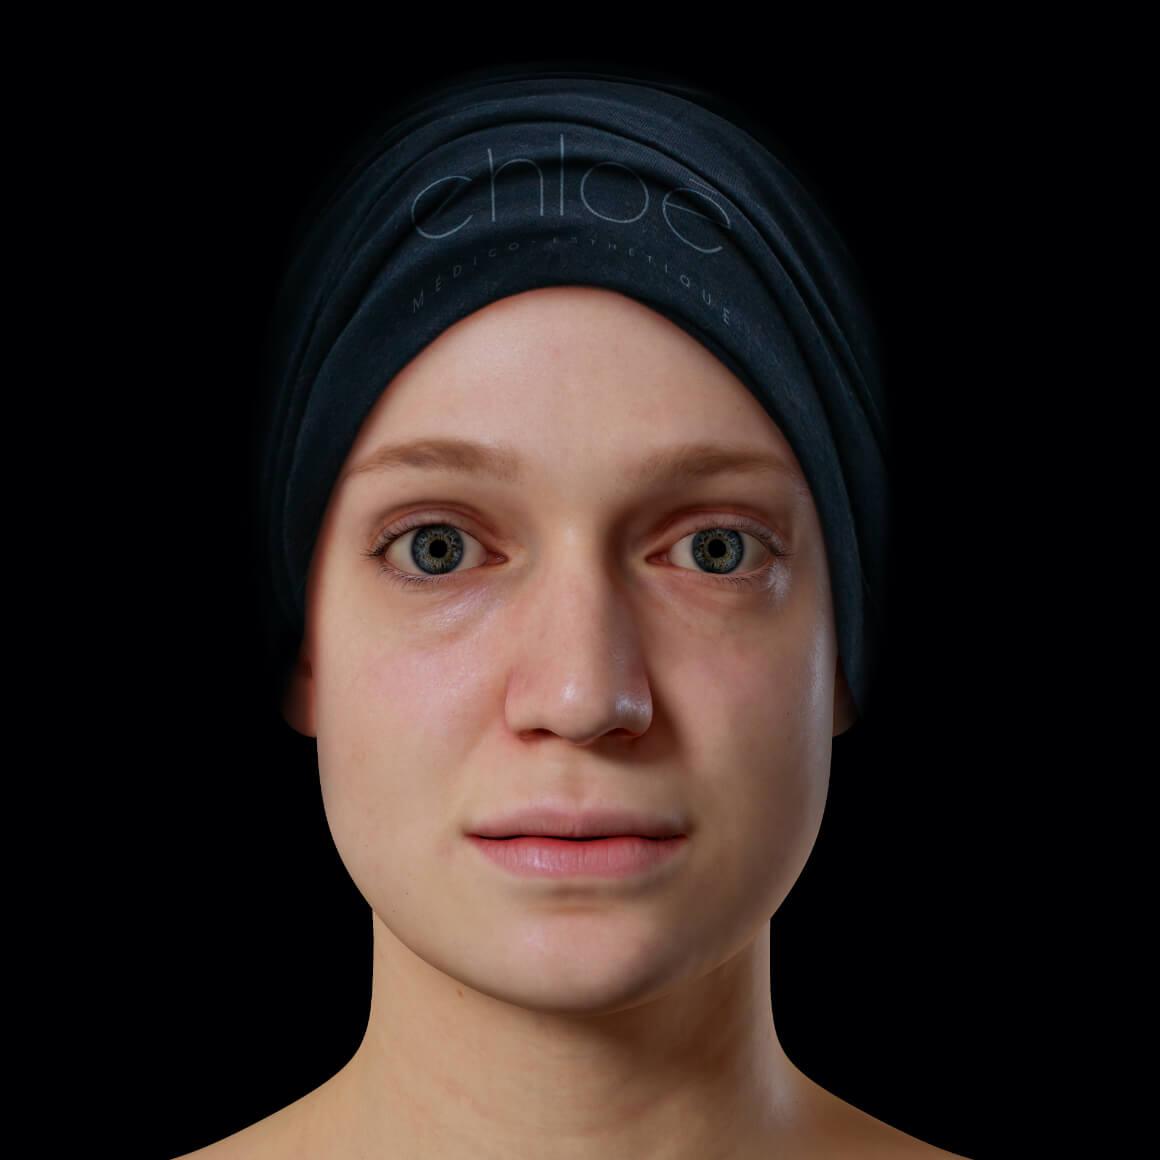 Patiente de la Clinique Chloé de face après des injections d'agents de comblement pour traiter des cicatrices d'acné